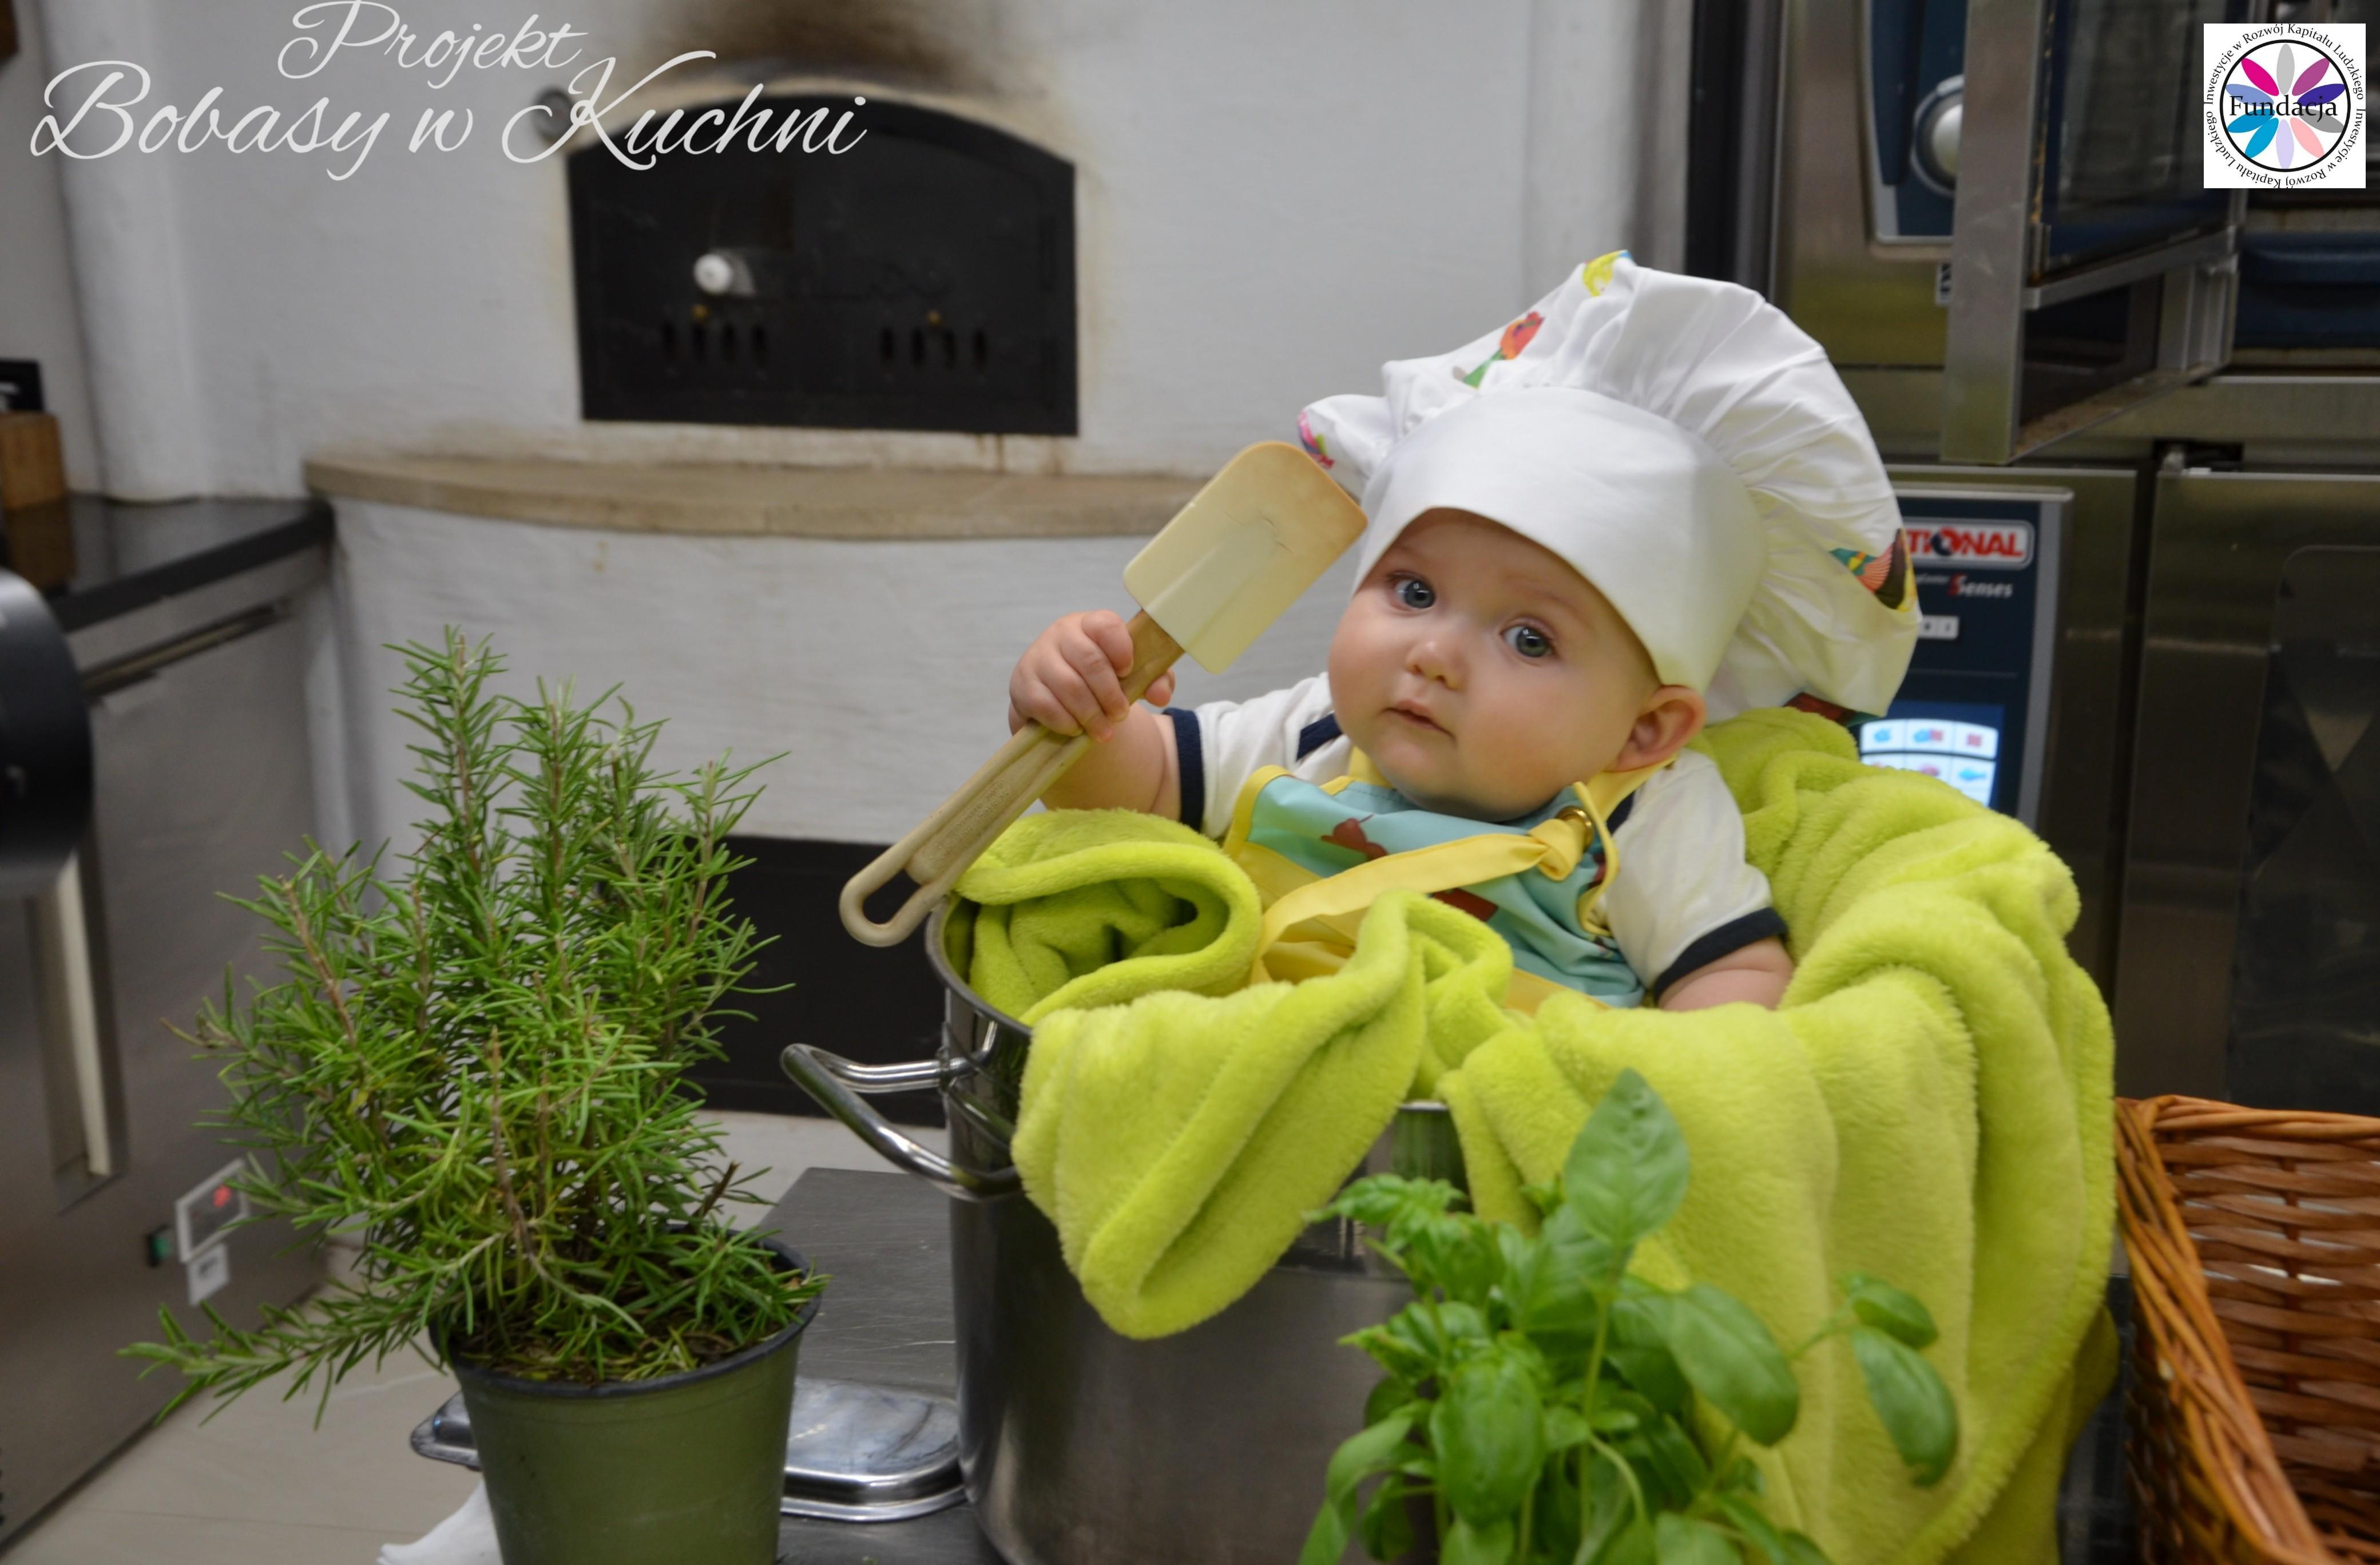 Wiktoria Olczak z Olkiem z projektu Bobasy w Kuchni sesja10